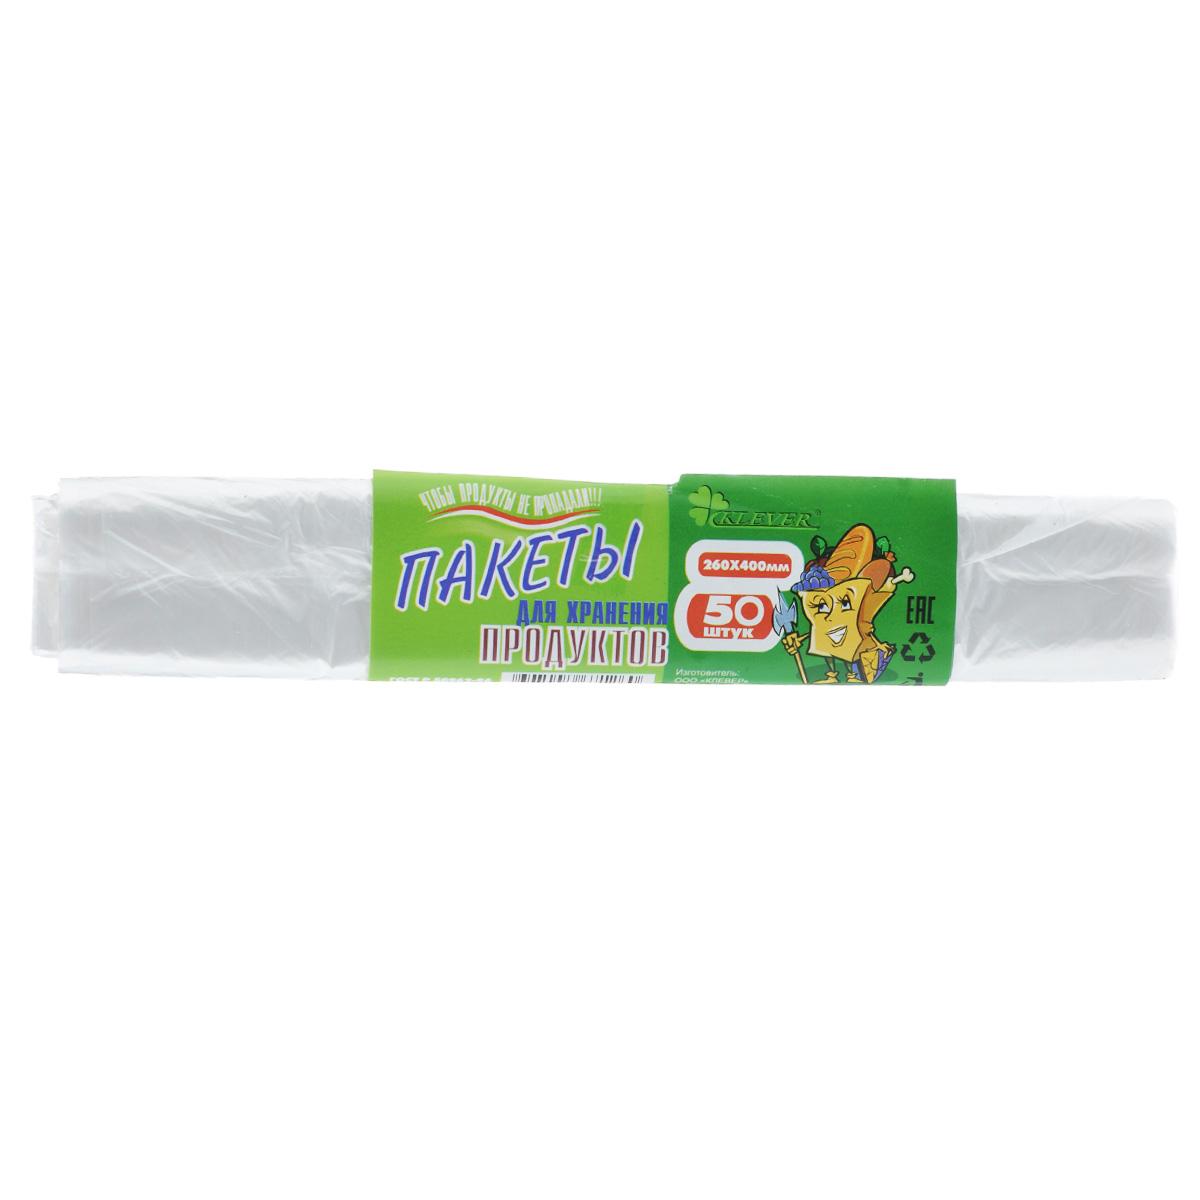 Пакеты для хранения продуктов Klever, 26 х 40 см, 50 штВетерок 2ГФПакеты для хранения продуктов Klever, изготовленные из полиэтилена, предназначены для хранения продуктов в холодильнике или морозильной камере. Пакеты являются предметами первой необходимости. В школу, на работу или в поездку брать с собой продукты будет гораздо удобнее в пакетах, которые позволят надежно сохранить свежесть продуктов.Фасовочные пакеты - это самый распространенный, удобный и практичный вид современной упаковки, предназначенный для хранения и транспортировки практически всех видов пищевых и непродовольственных товаров. Размер пакета: 26 см х 40 см.